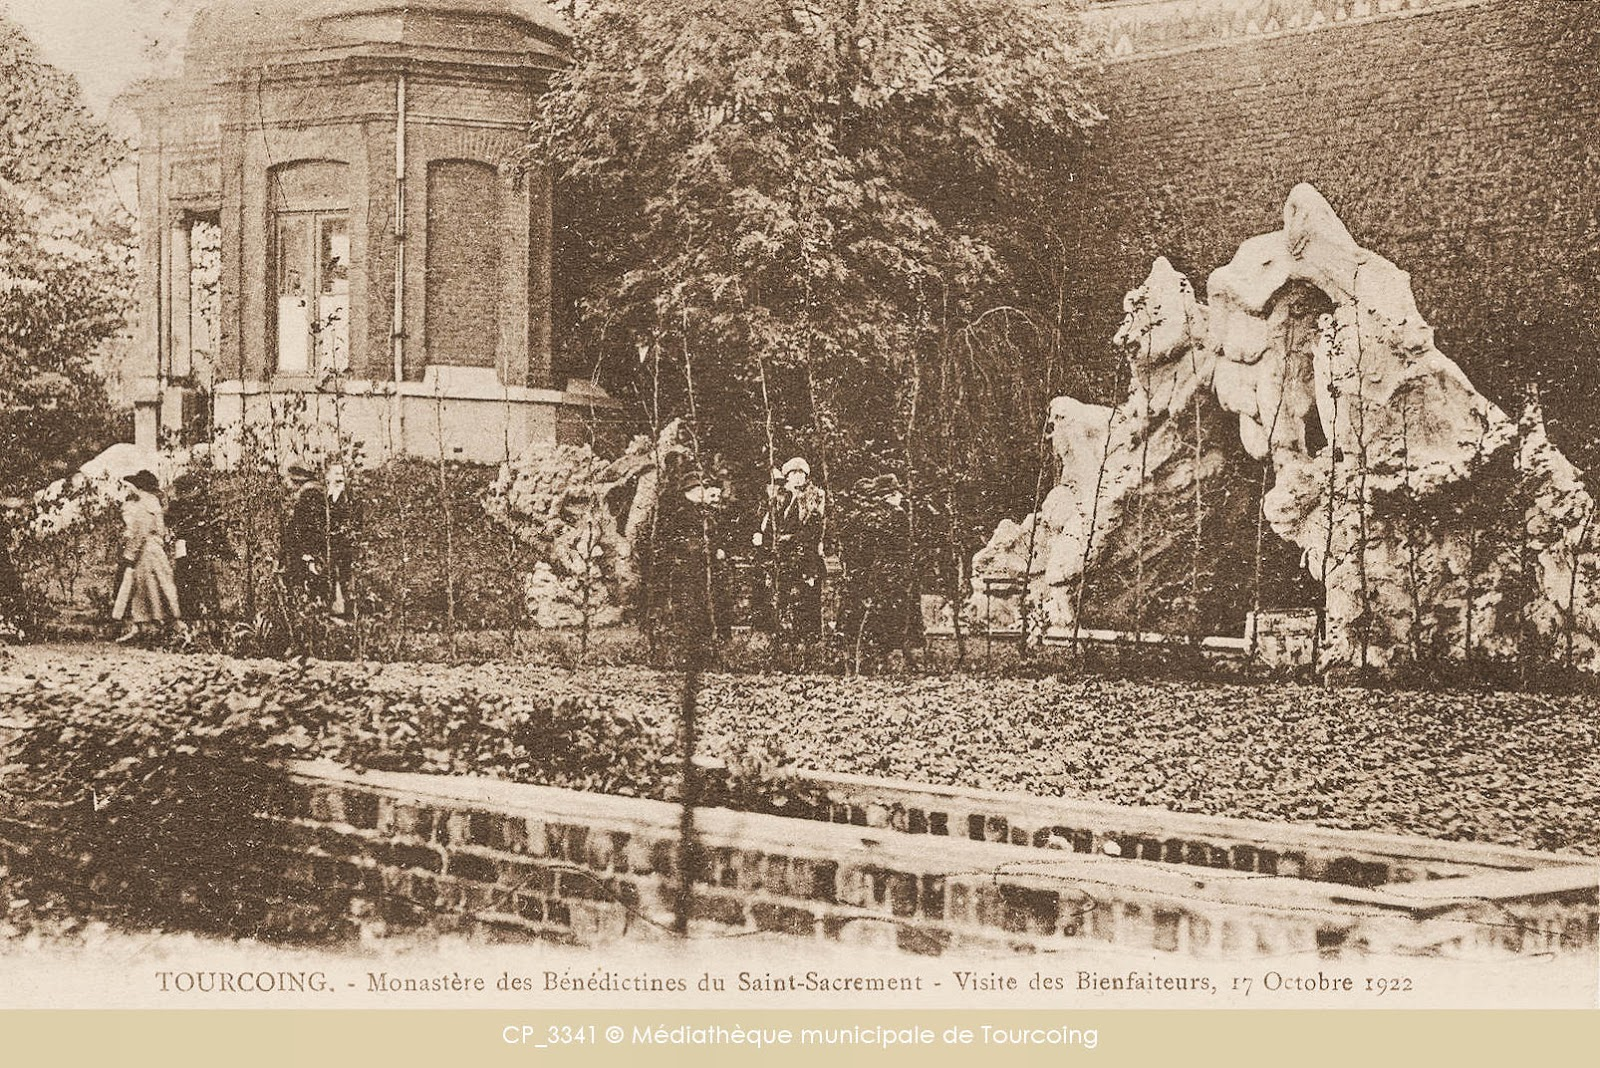 Monastère des Bénédictines de Tourcoing - Visiteurs en 1922.